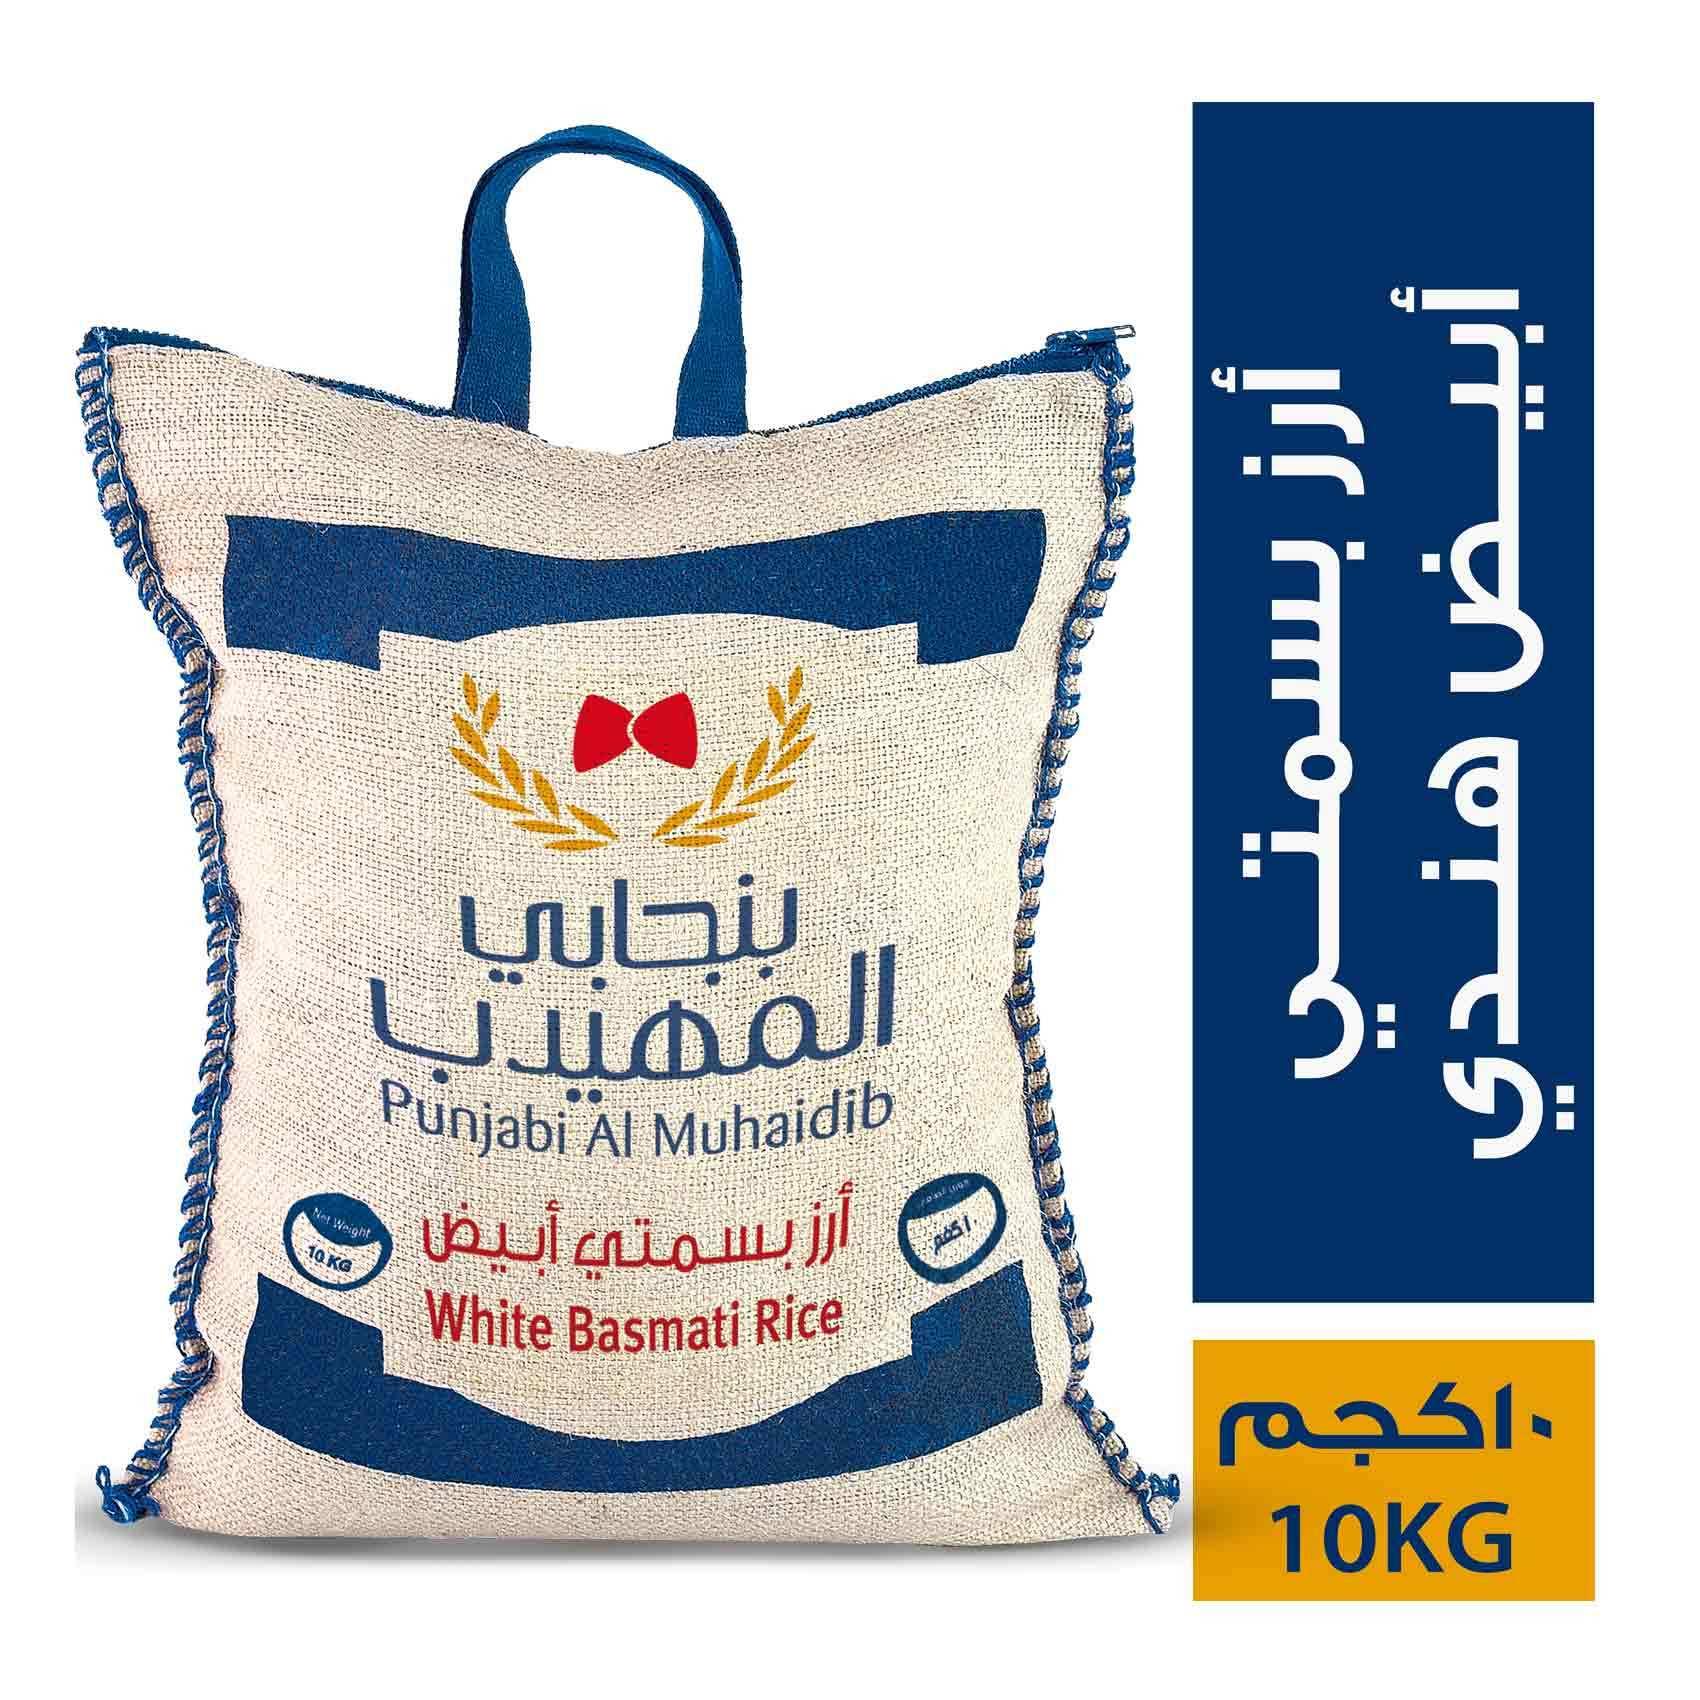 ارز المهيدب بنجابي كلاسيك 10 كيلو ارز بسمتي فاخر الأرز والسكر غذائية